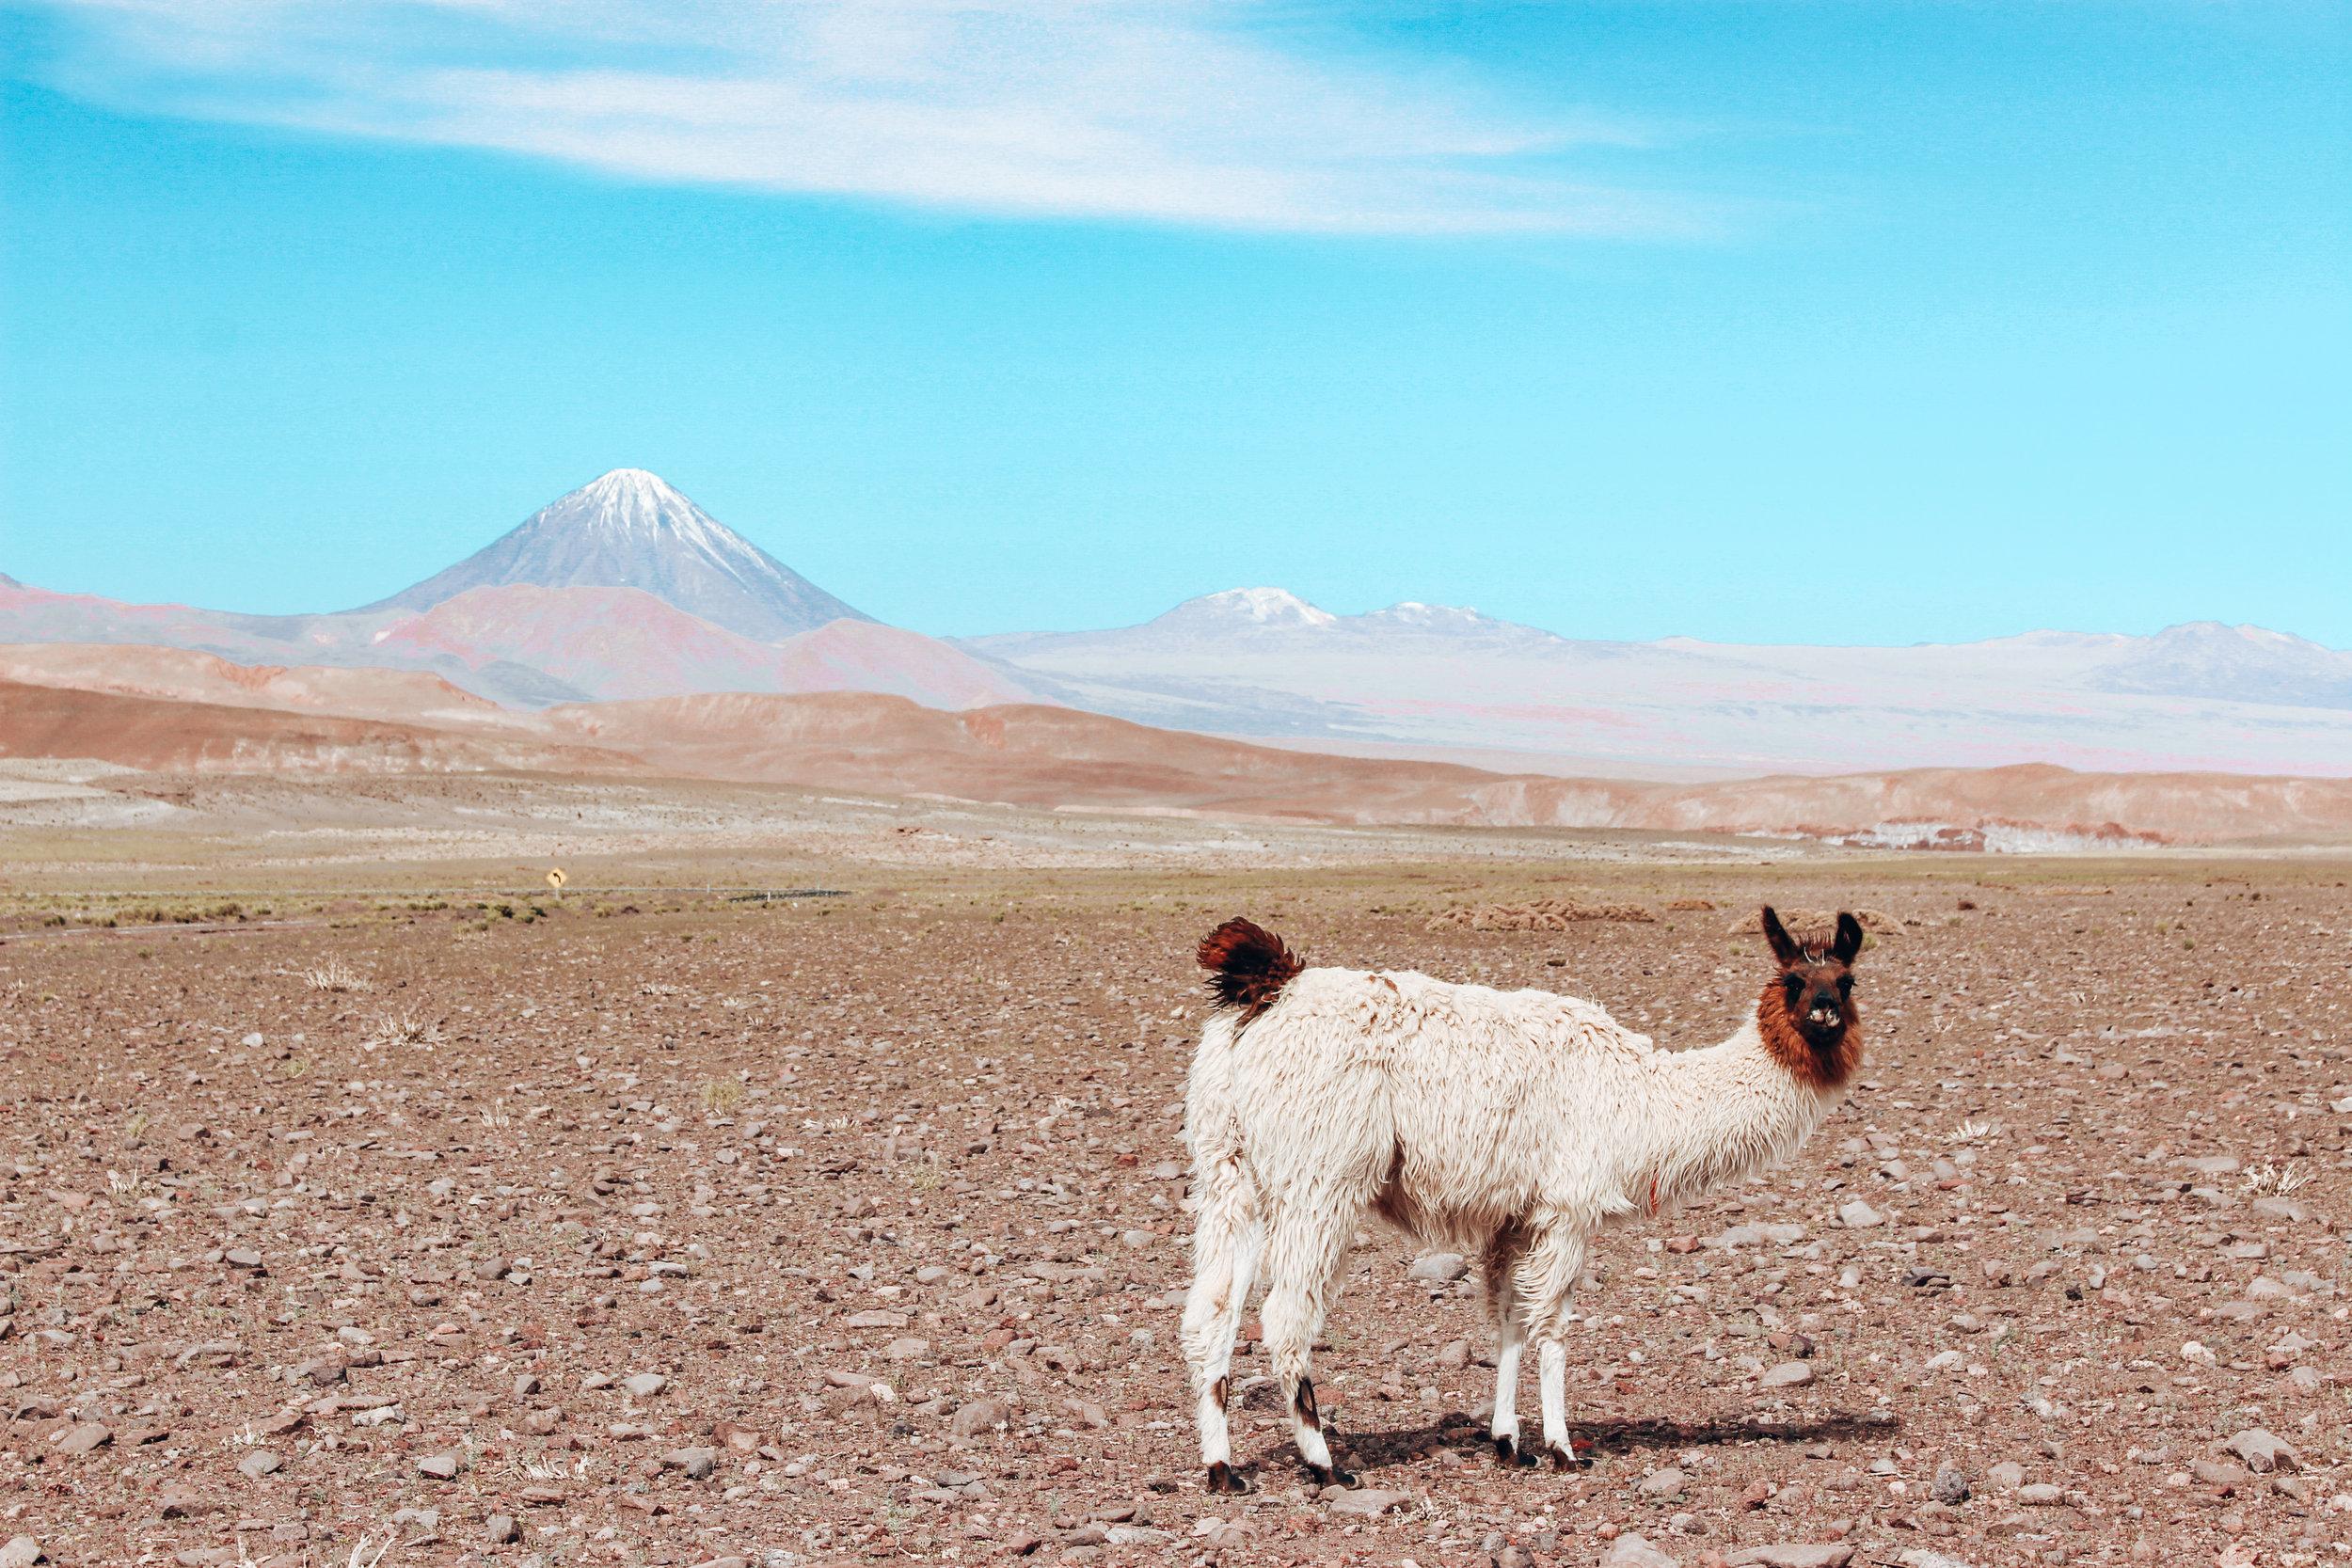 Llama in Chile